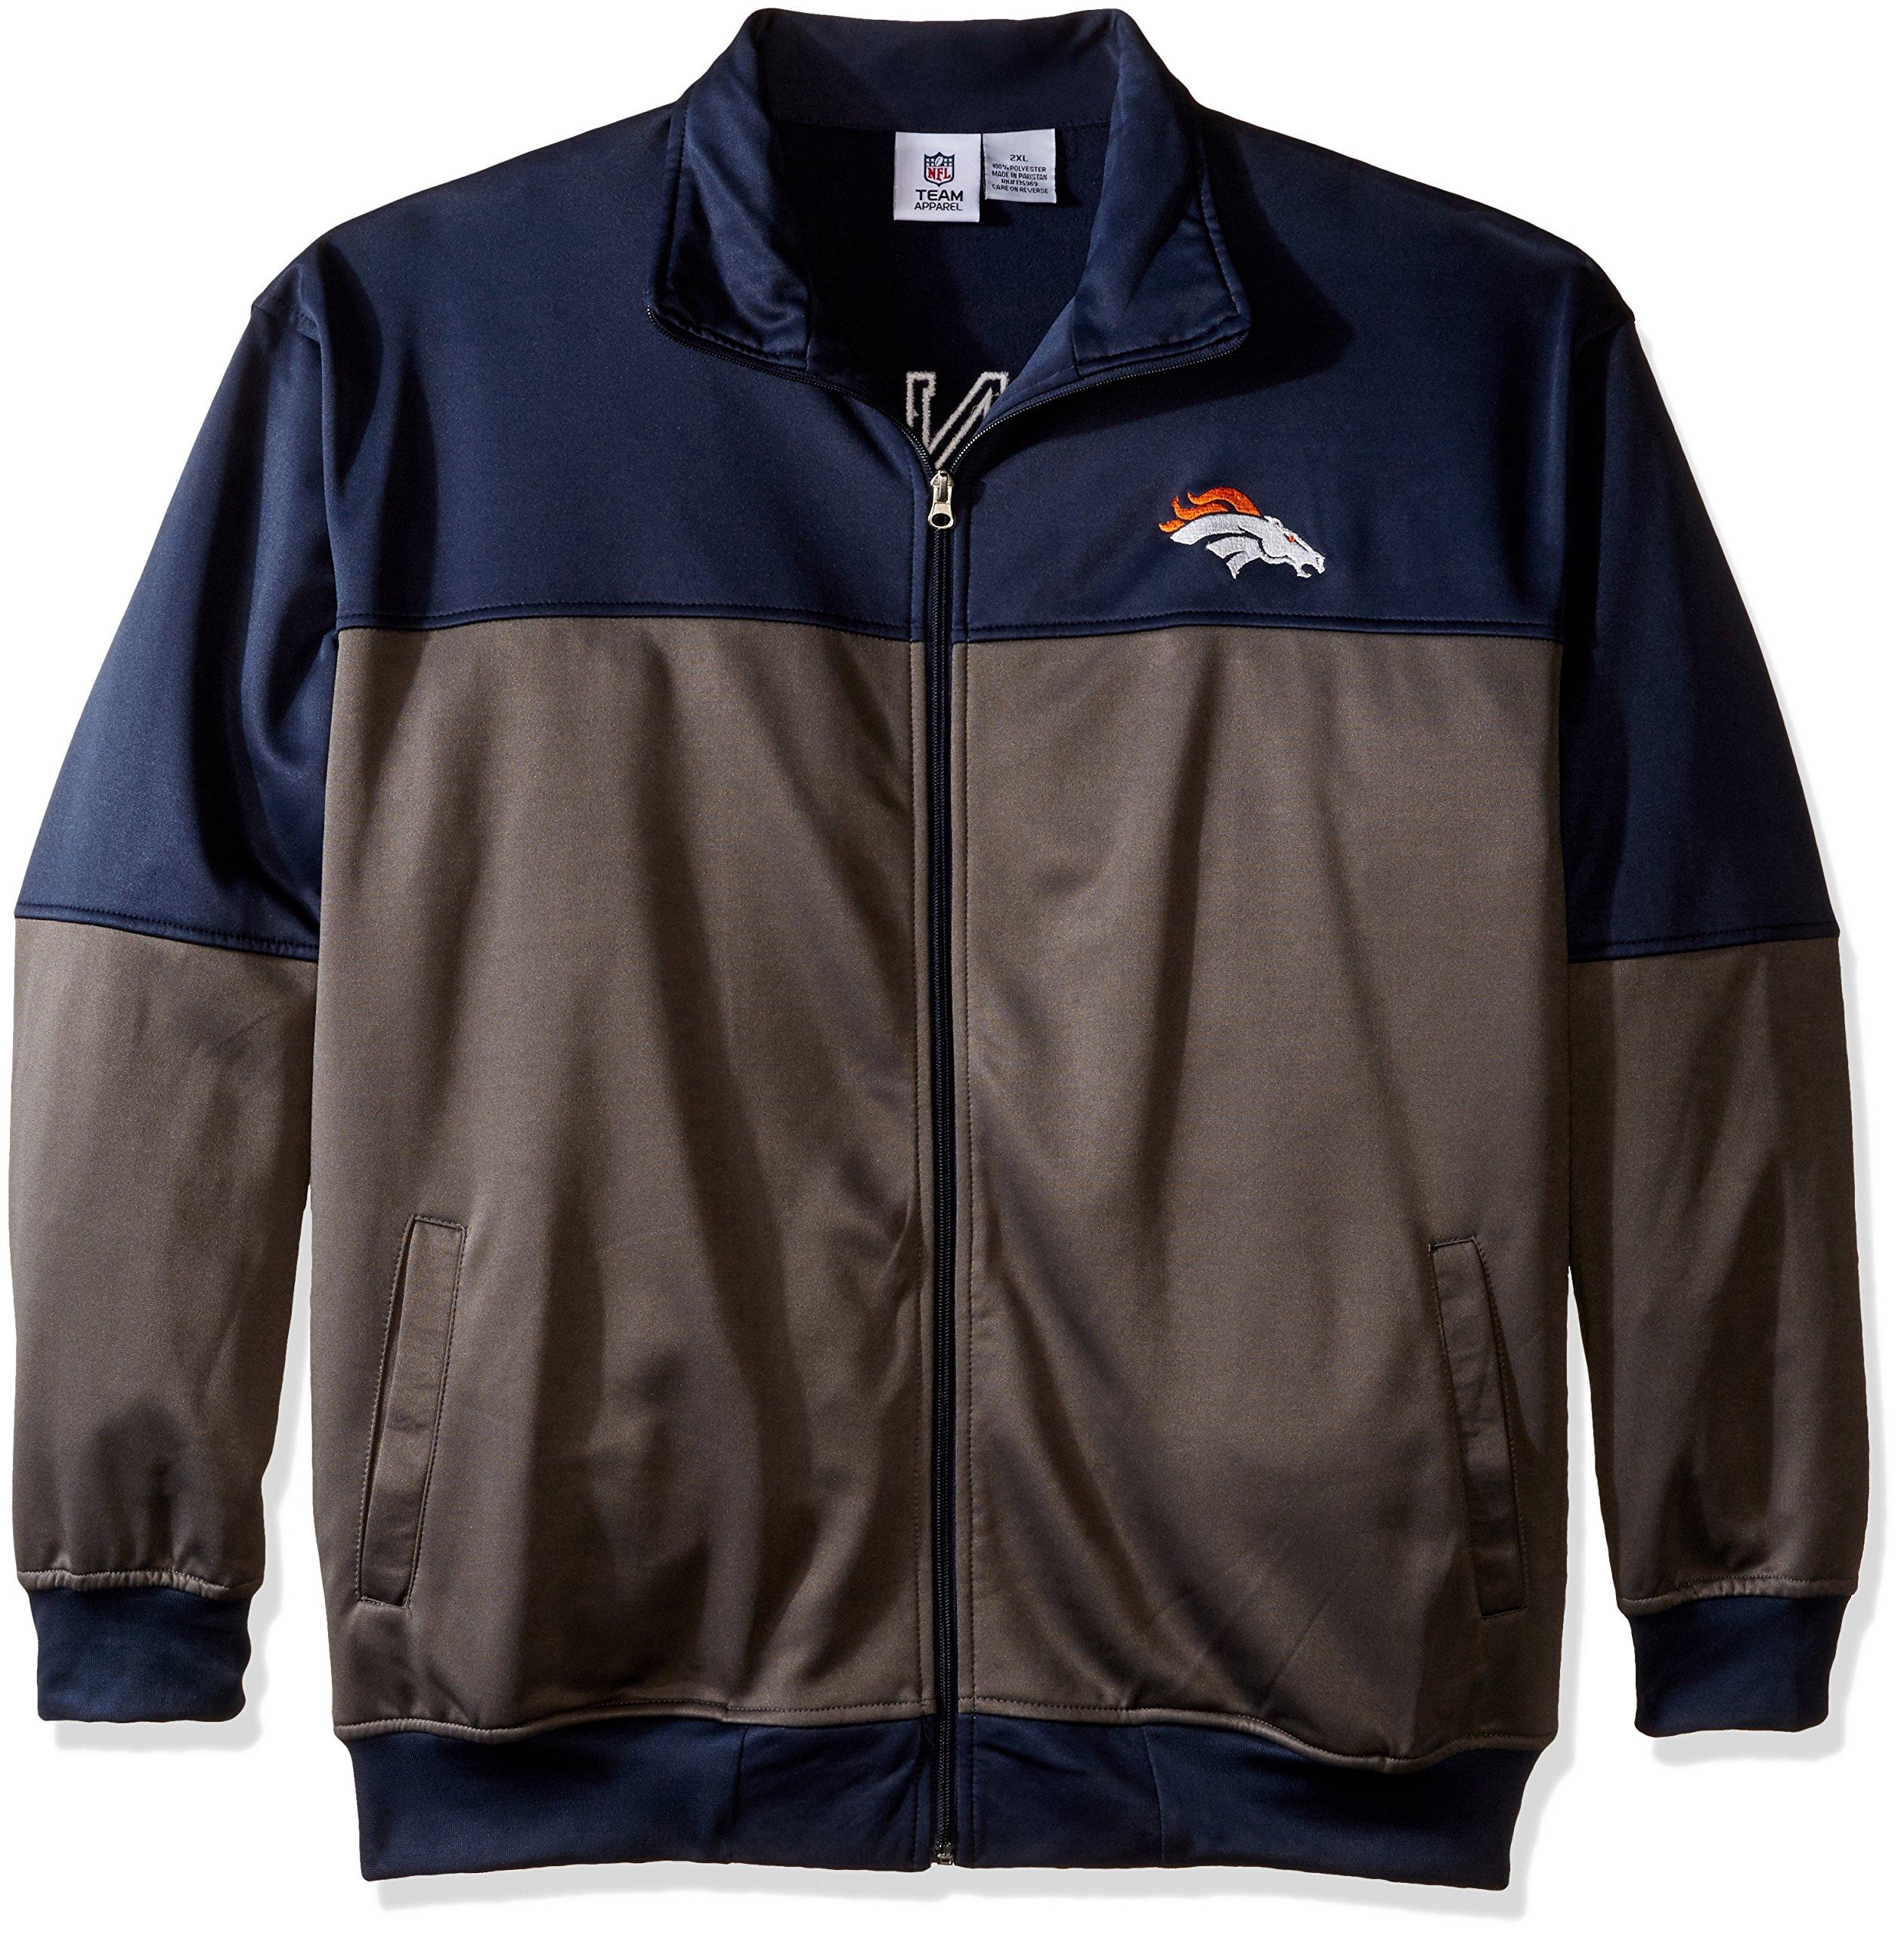 NFL Denver Broncos Unisex Poly fleece Track Jacket, CHARCOAL/Orange, 2X